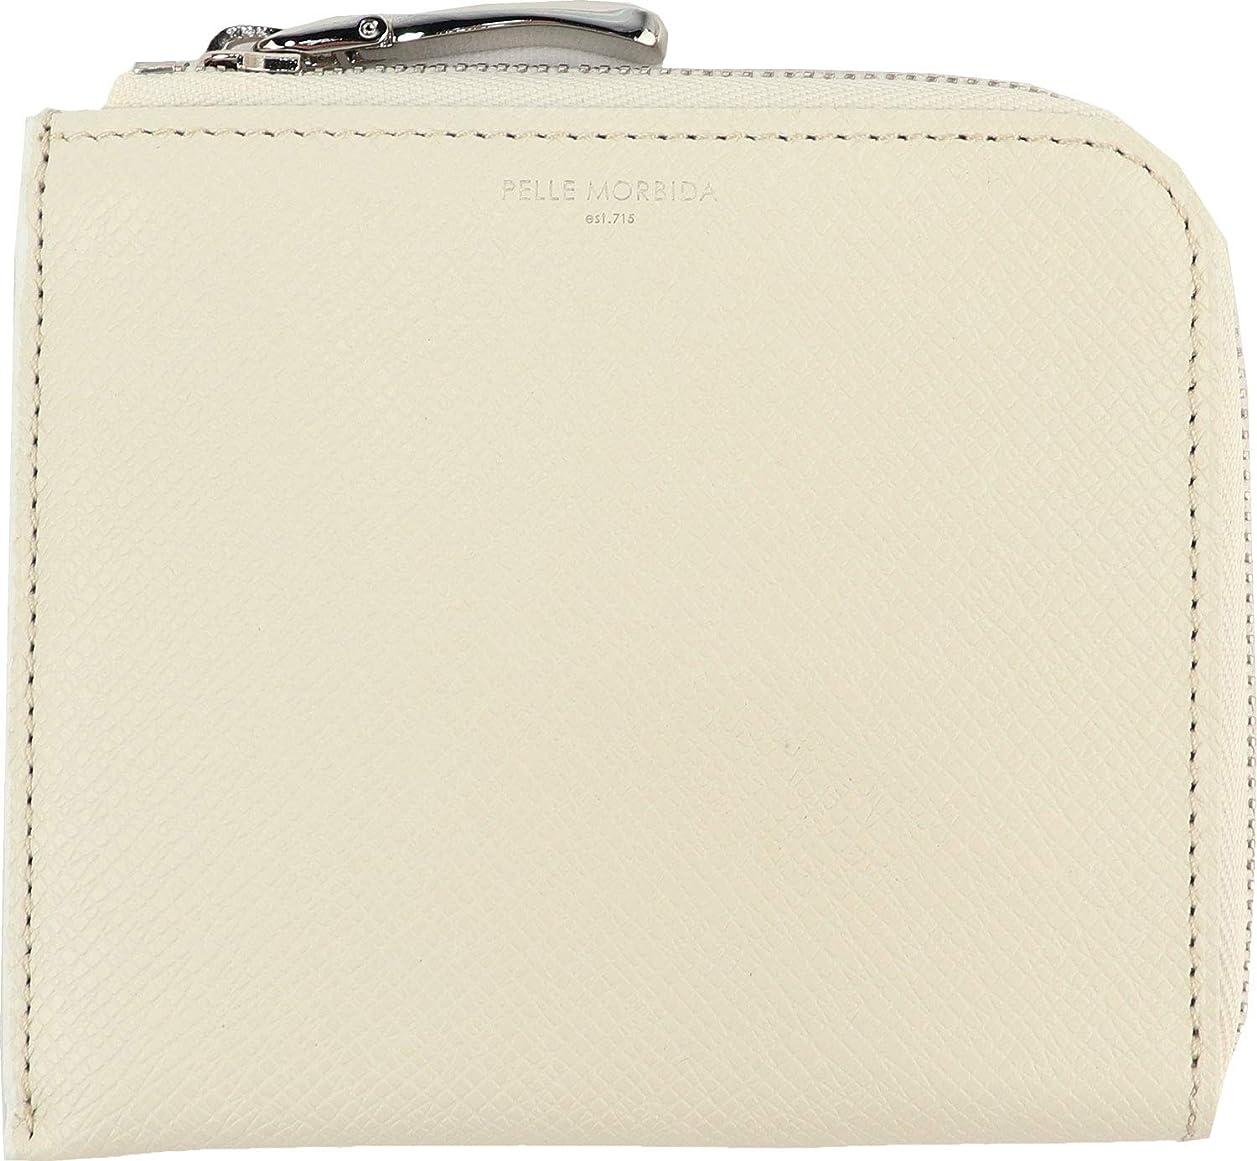 真実に一般的に言えば組[PELLE MORBIDA ペッレモルビダ] 型押しレザー L字ジップ ミニ財布 PMO-BA313 WHT(ホワイト)